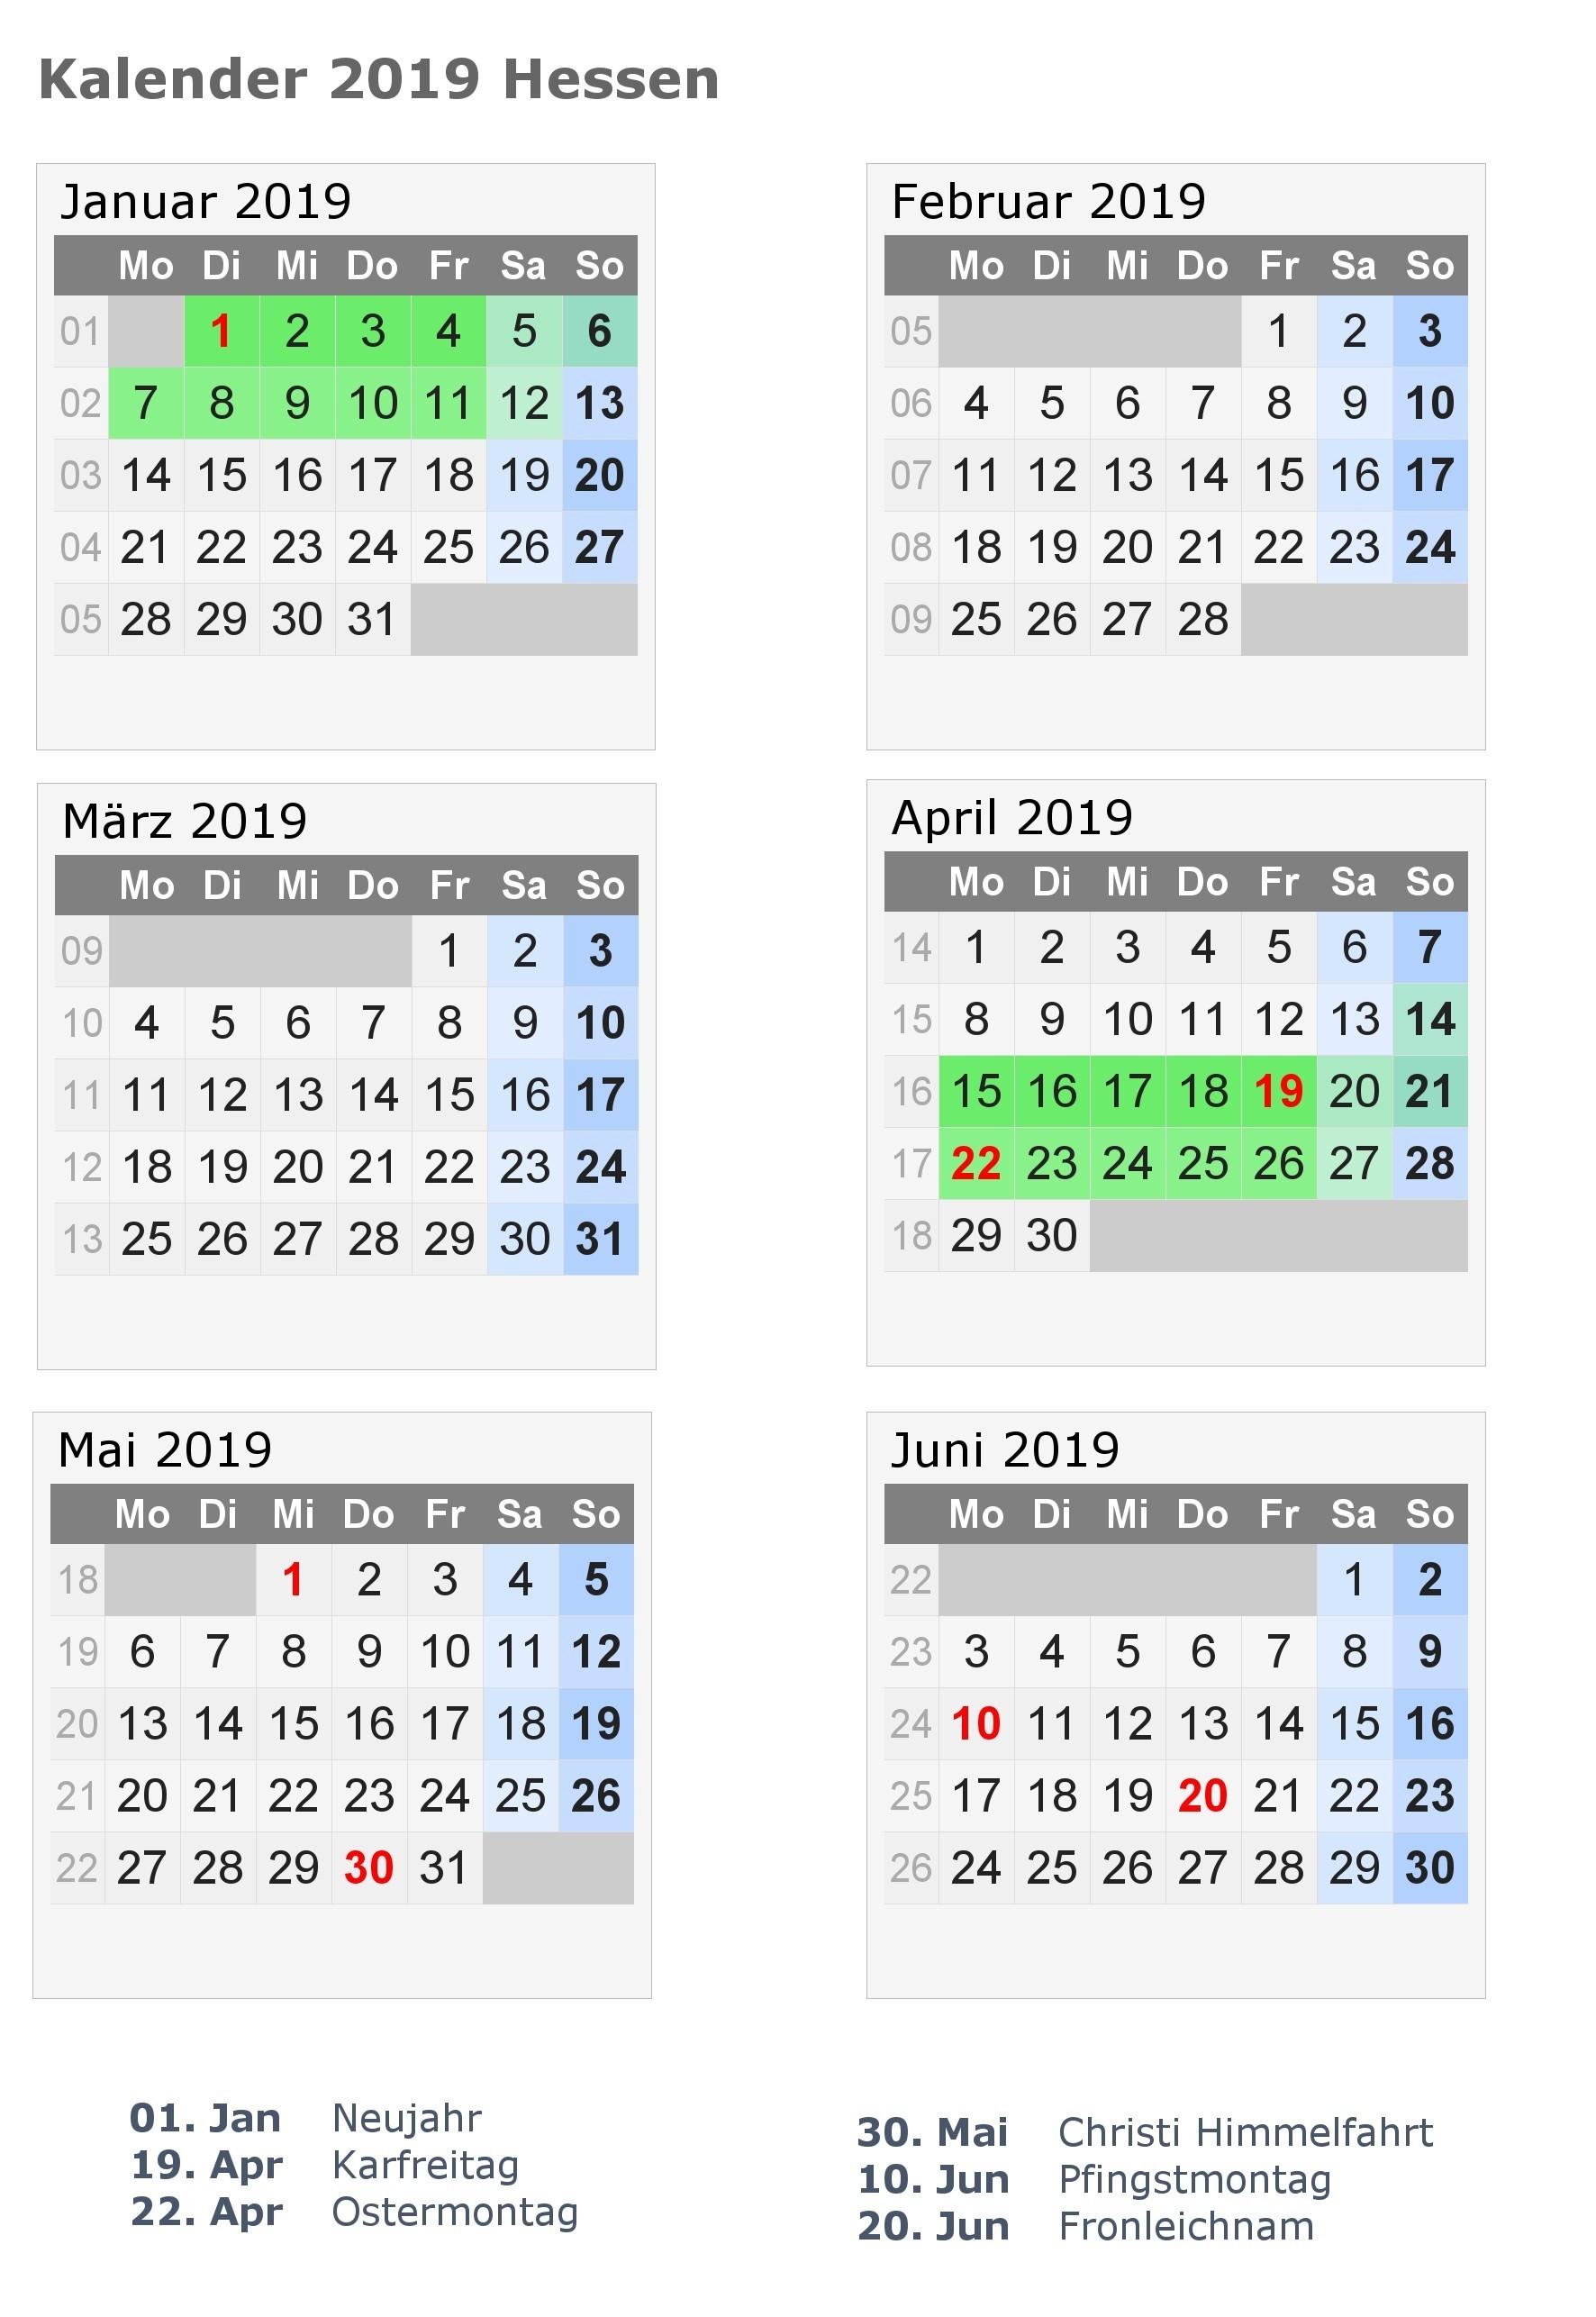 Vorlage Kalender 2019 Bayern Halbjahreskalender 2019 Zum Ausdrucken Pdf Excel Word Calendar line 2019